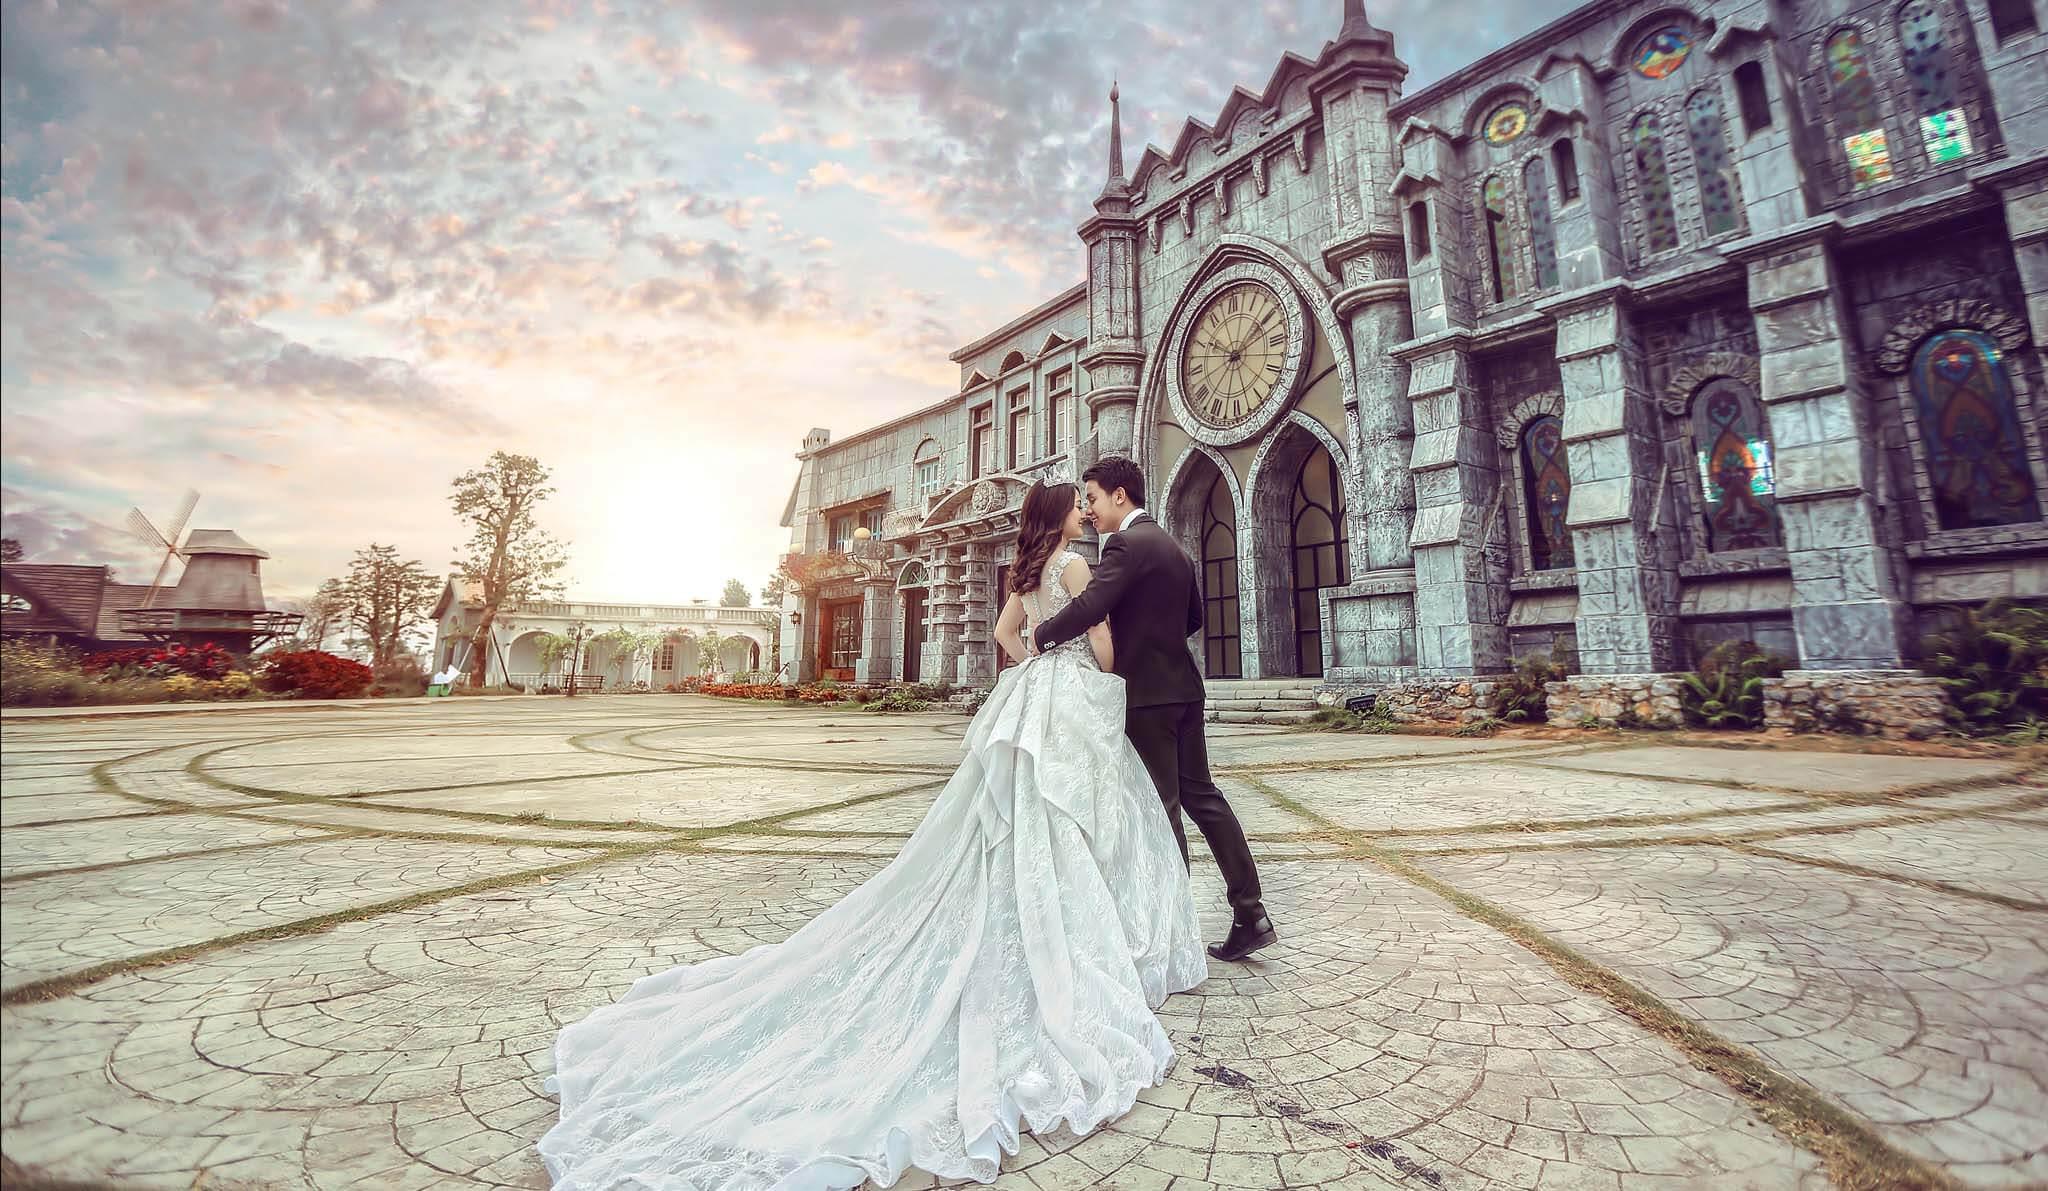 Hãy tham khảo 1 phong cách chụp hình cưới hiện đại mà bạn thích